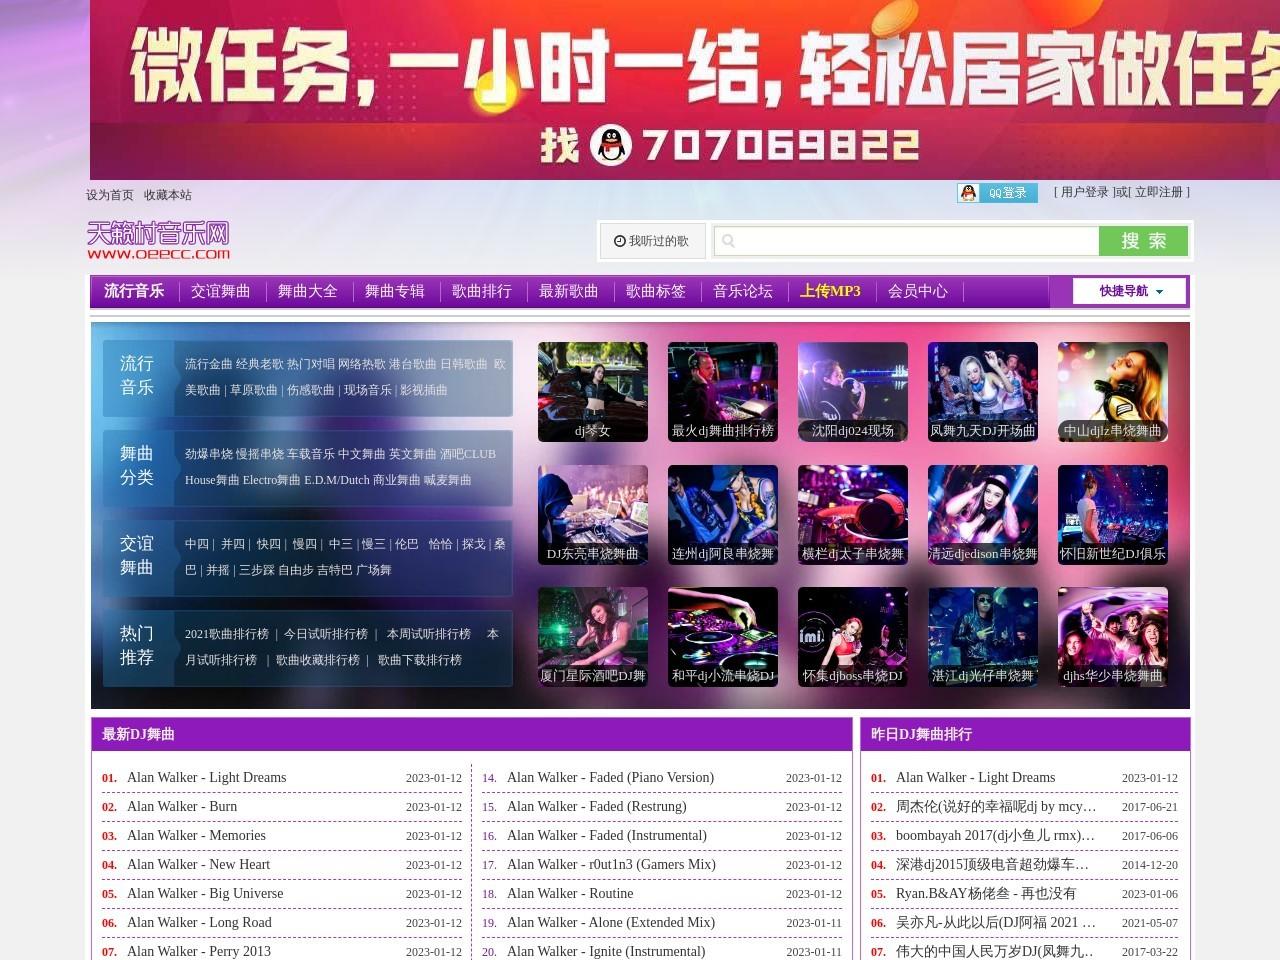 天籁村音乐网-DJ舞曲,交谊舞曲,流行音乐,慢摇串烧DJMP3免费下载